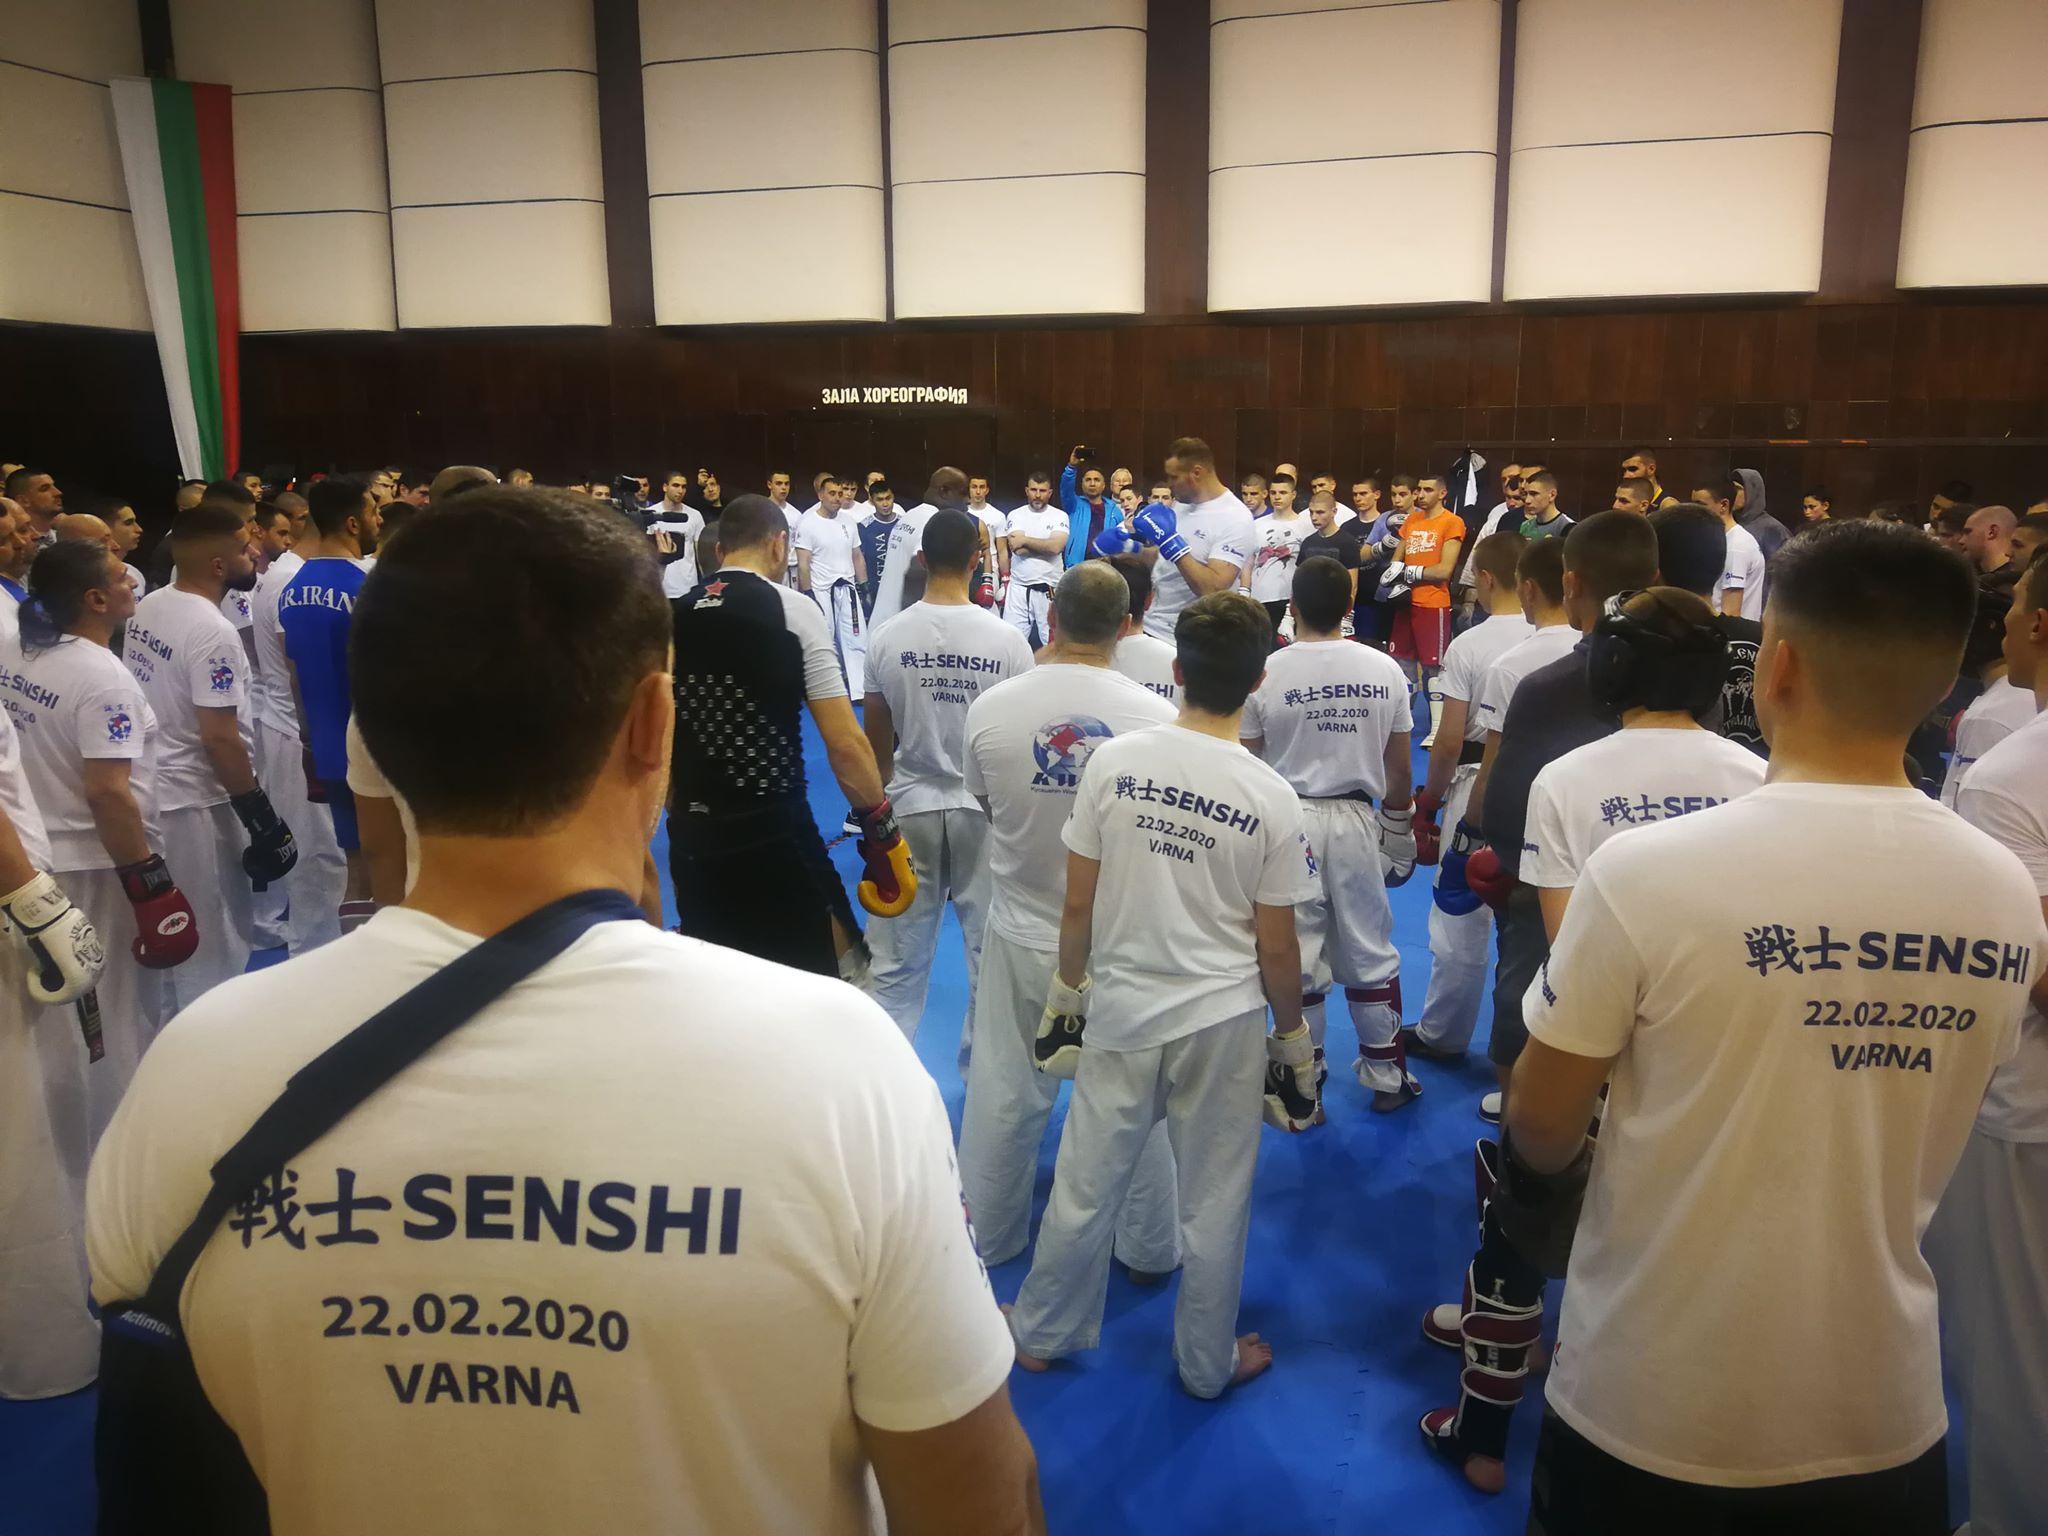 Пълна зала и много настроение на SENSHI семинара (ВИДЕО)